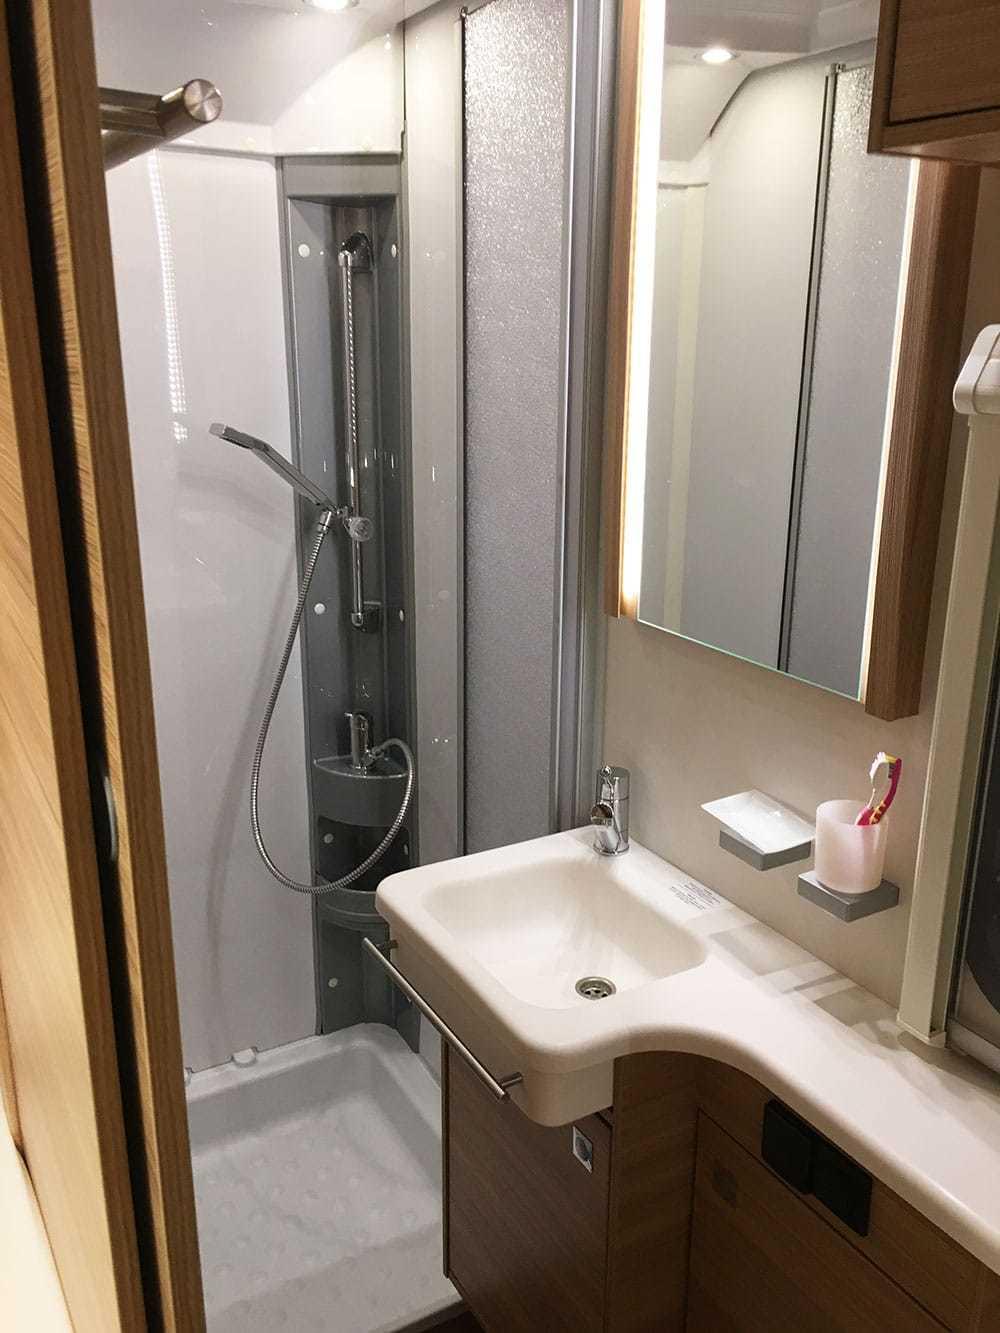 caravan dethleffs camper 730 fkr bad 3 wohnwagen mieten. Black Bedroom Furniture Sets. Home Design Ideas